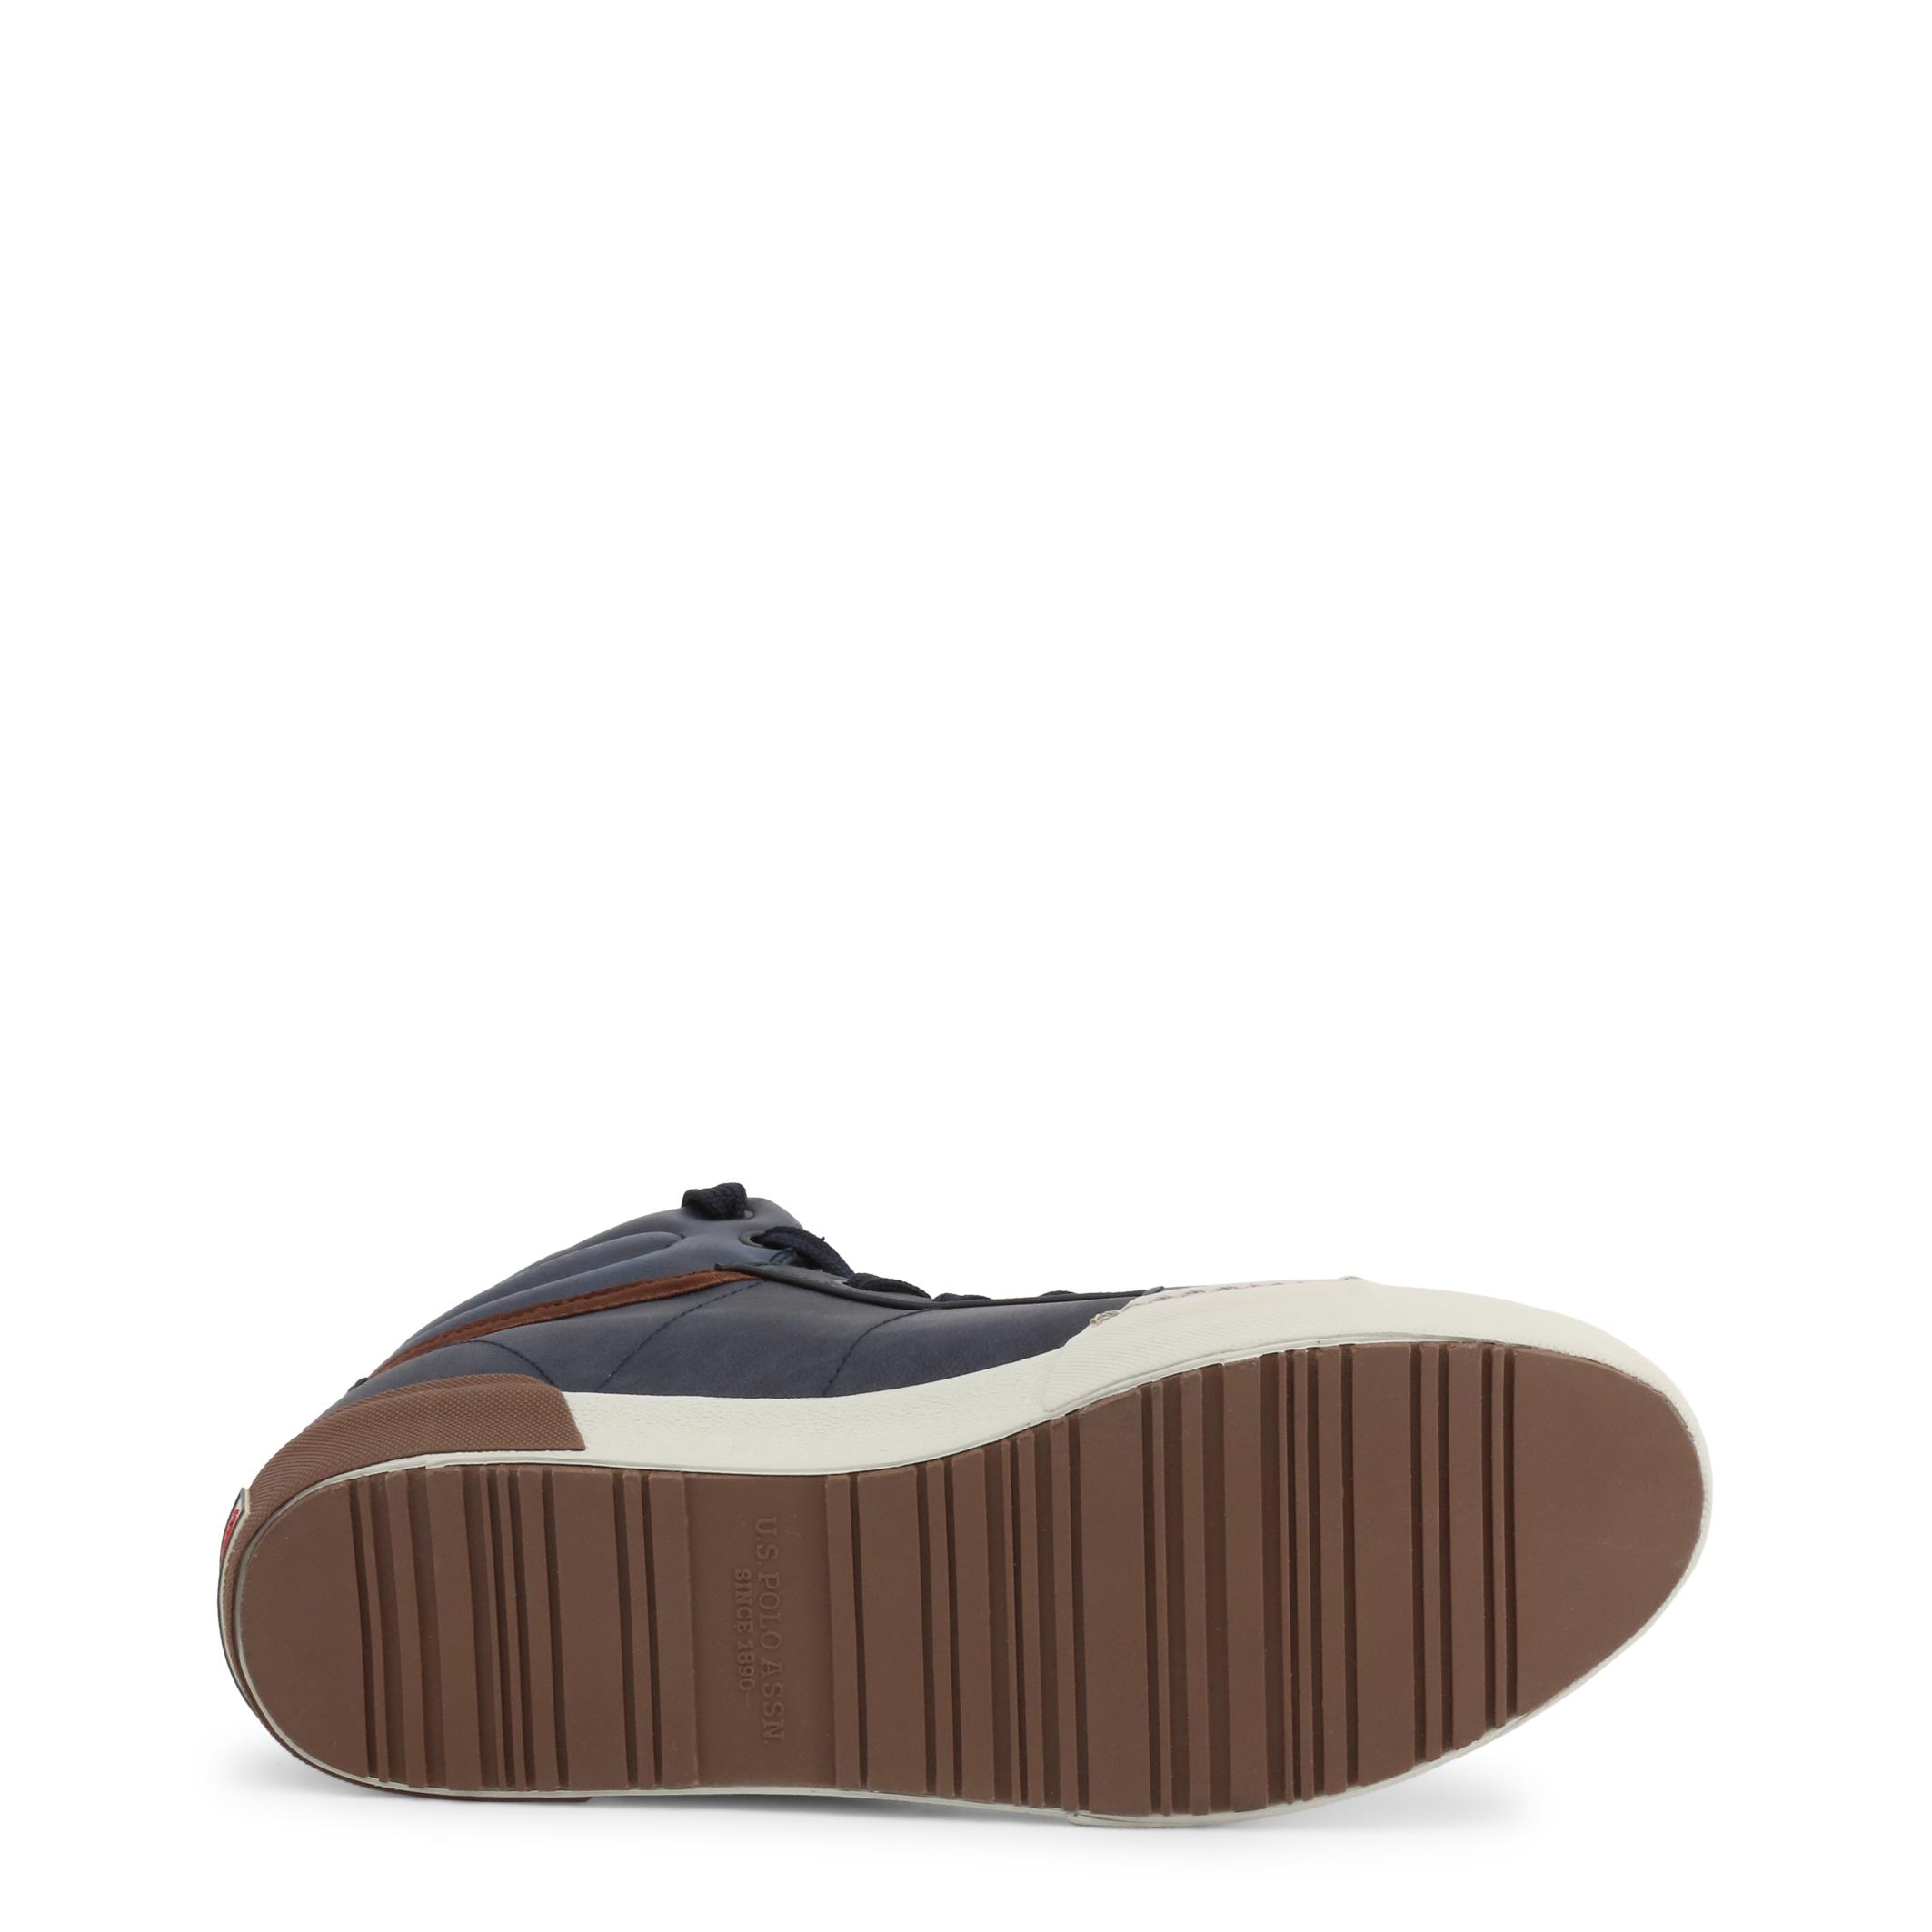 Chaussures de ville  U.S. Polo Assn. ARMAN7099W9_CY1_NAVY blue